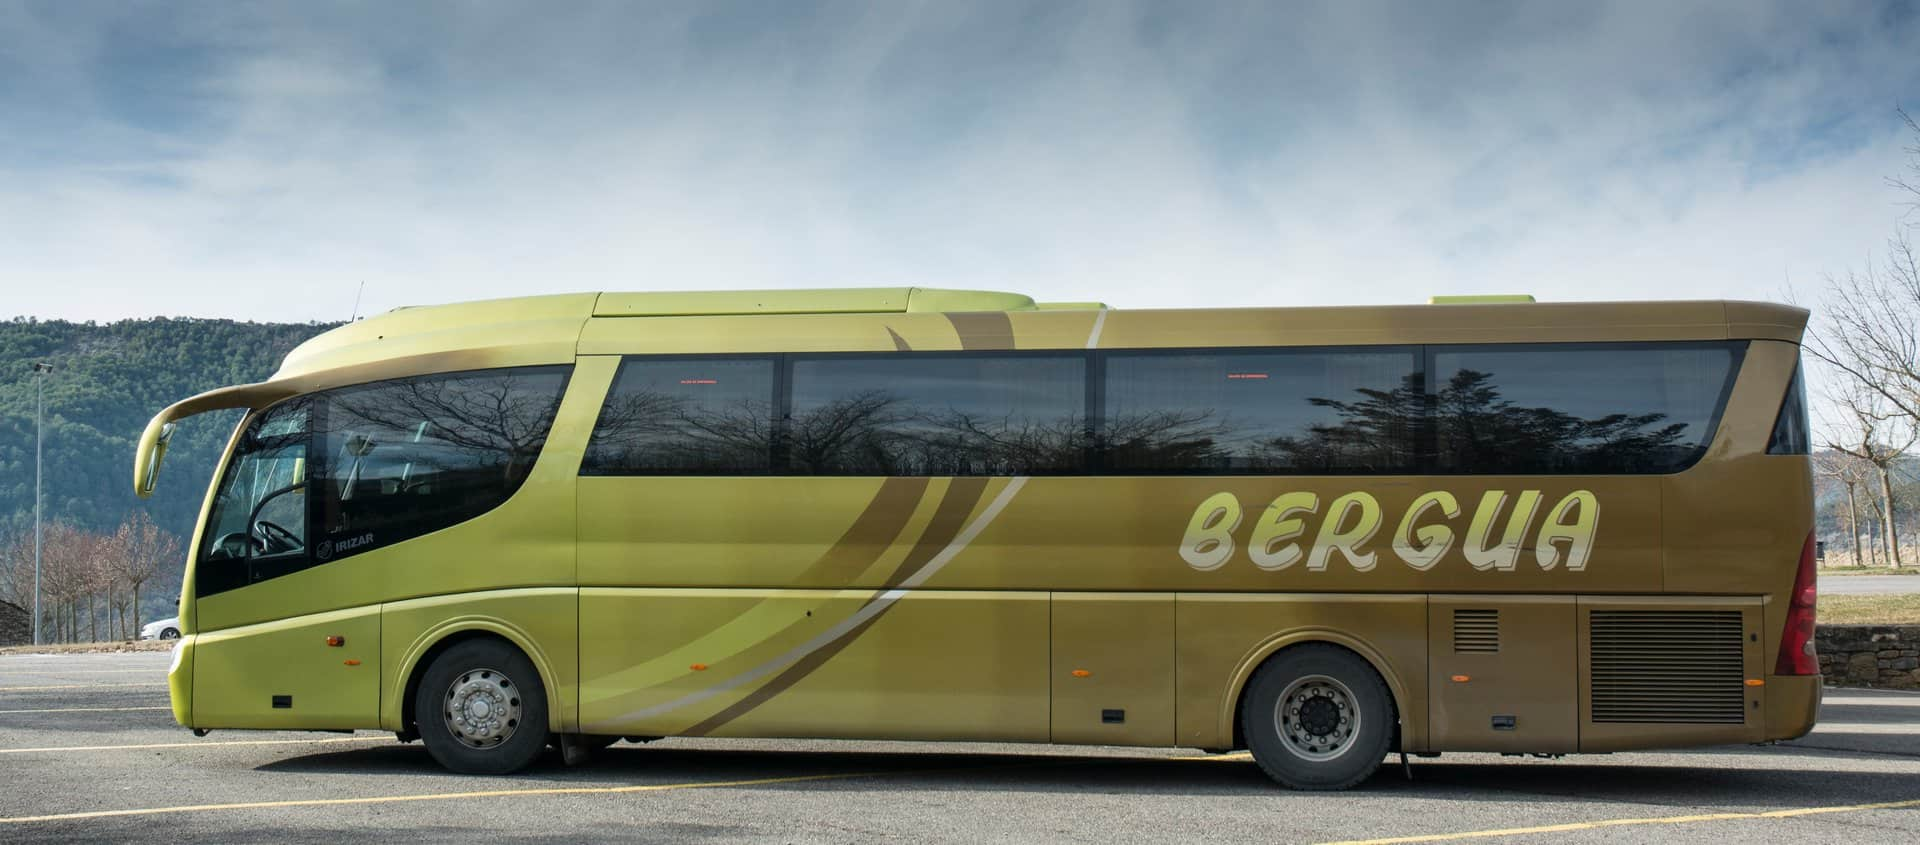 6475DPP-3 Bergua